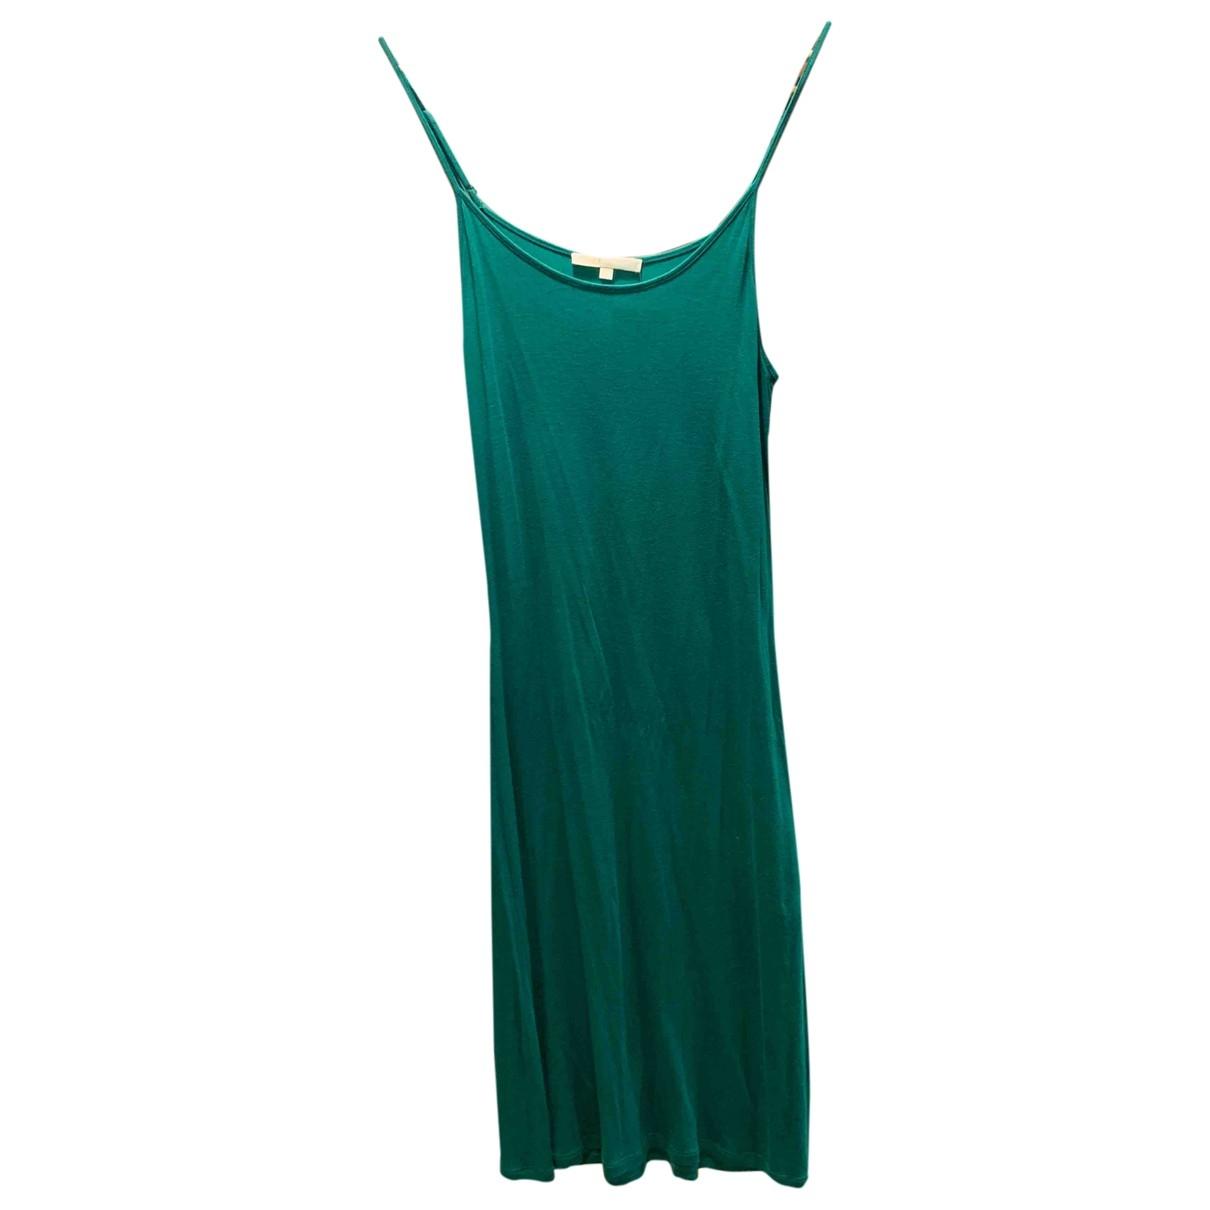 Maje \N Kleid in  Gruen Baumwolle